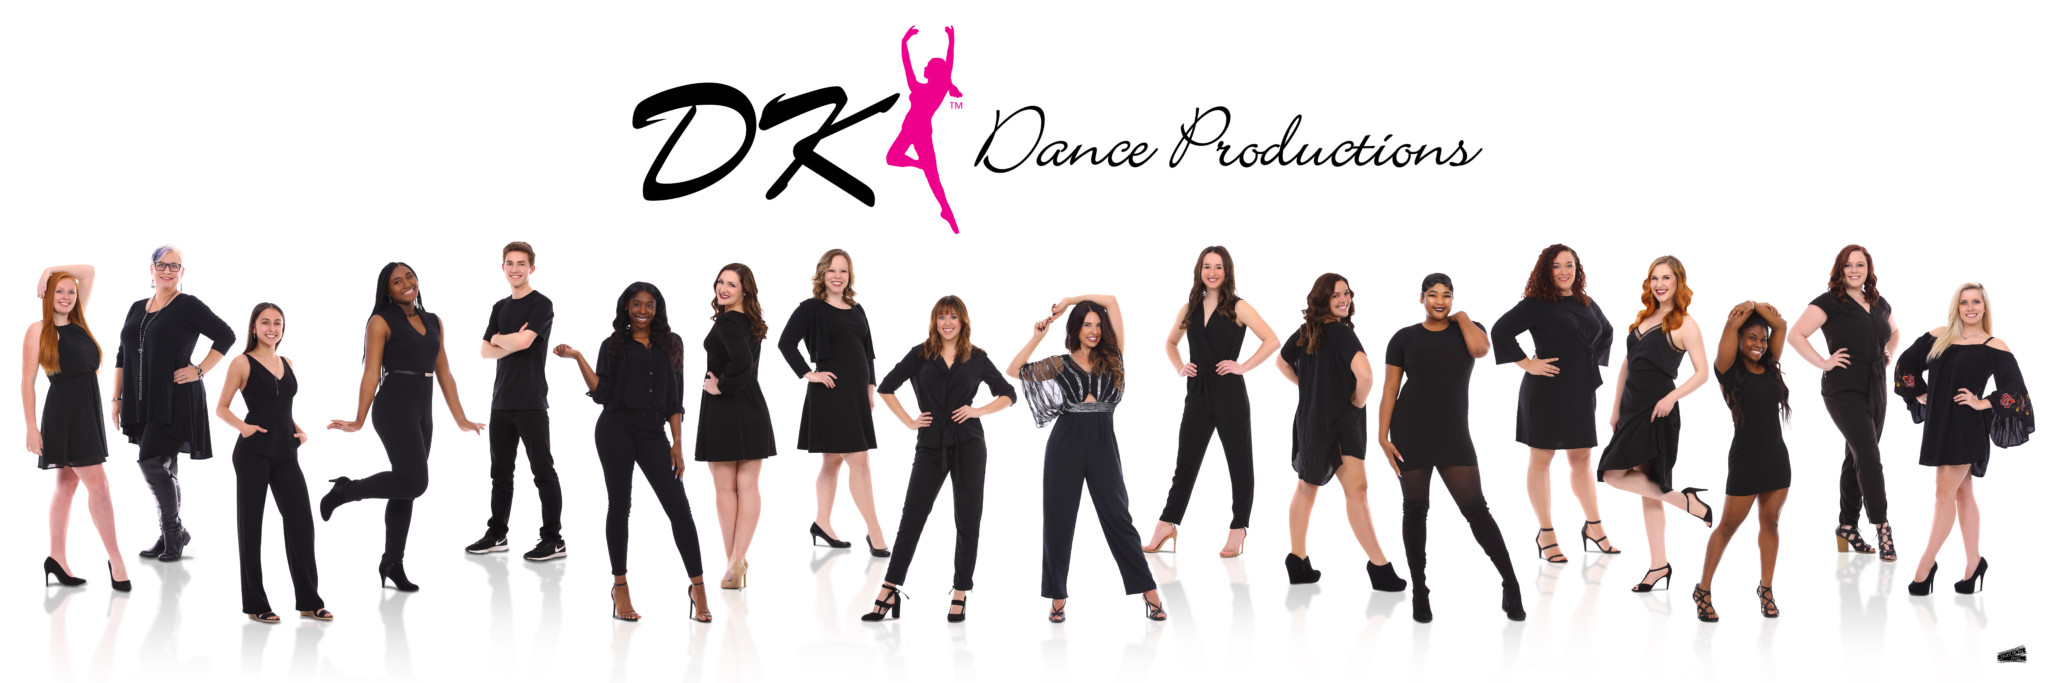 DK Dance Pano 24x72